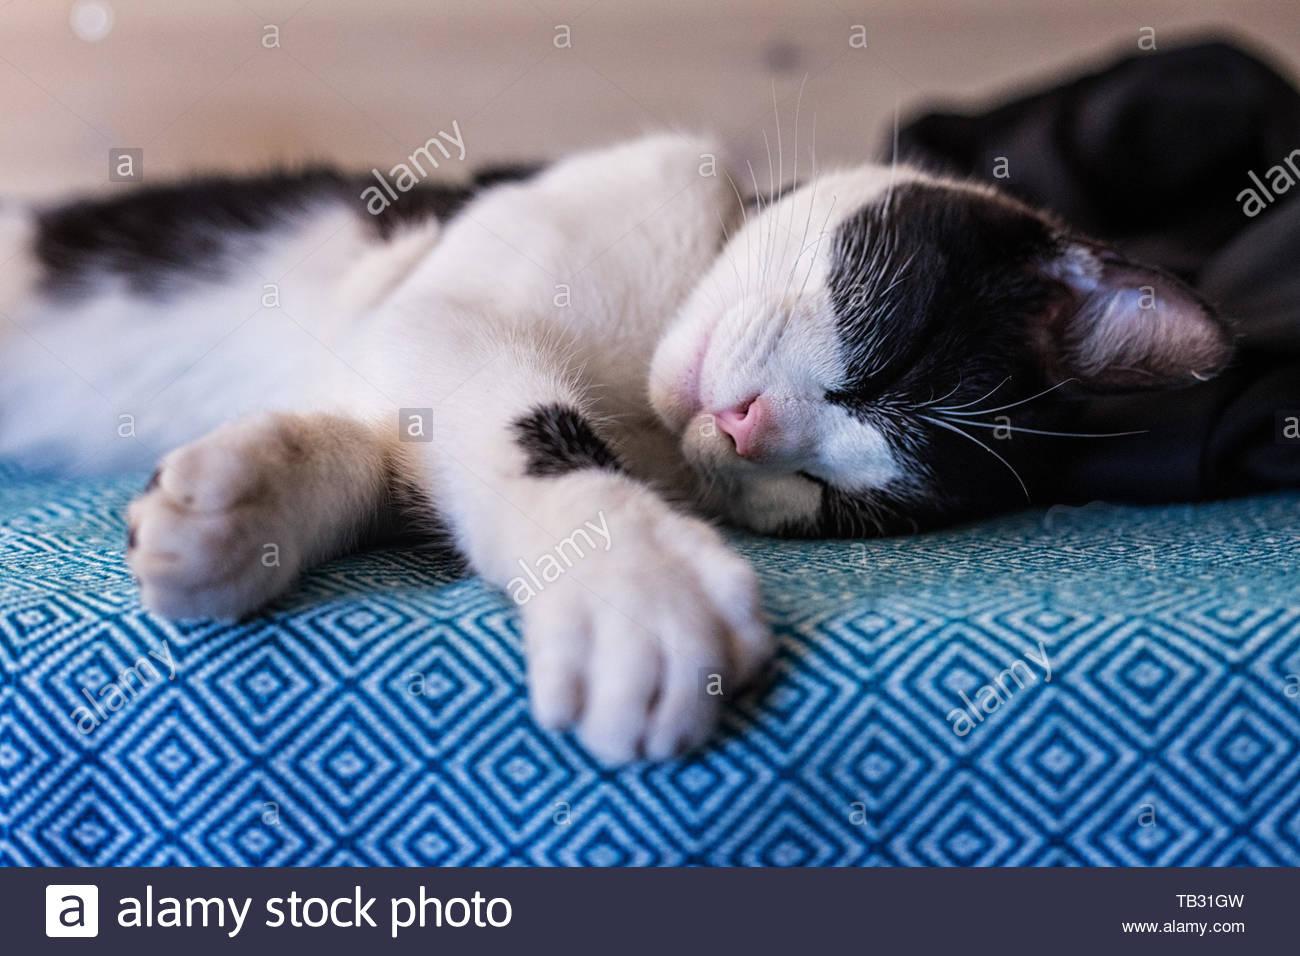 Sleeping Cat Black And White Cat Cute Animals Kitty Kitten Stock Photo Alamy